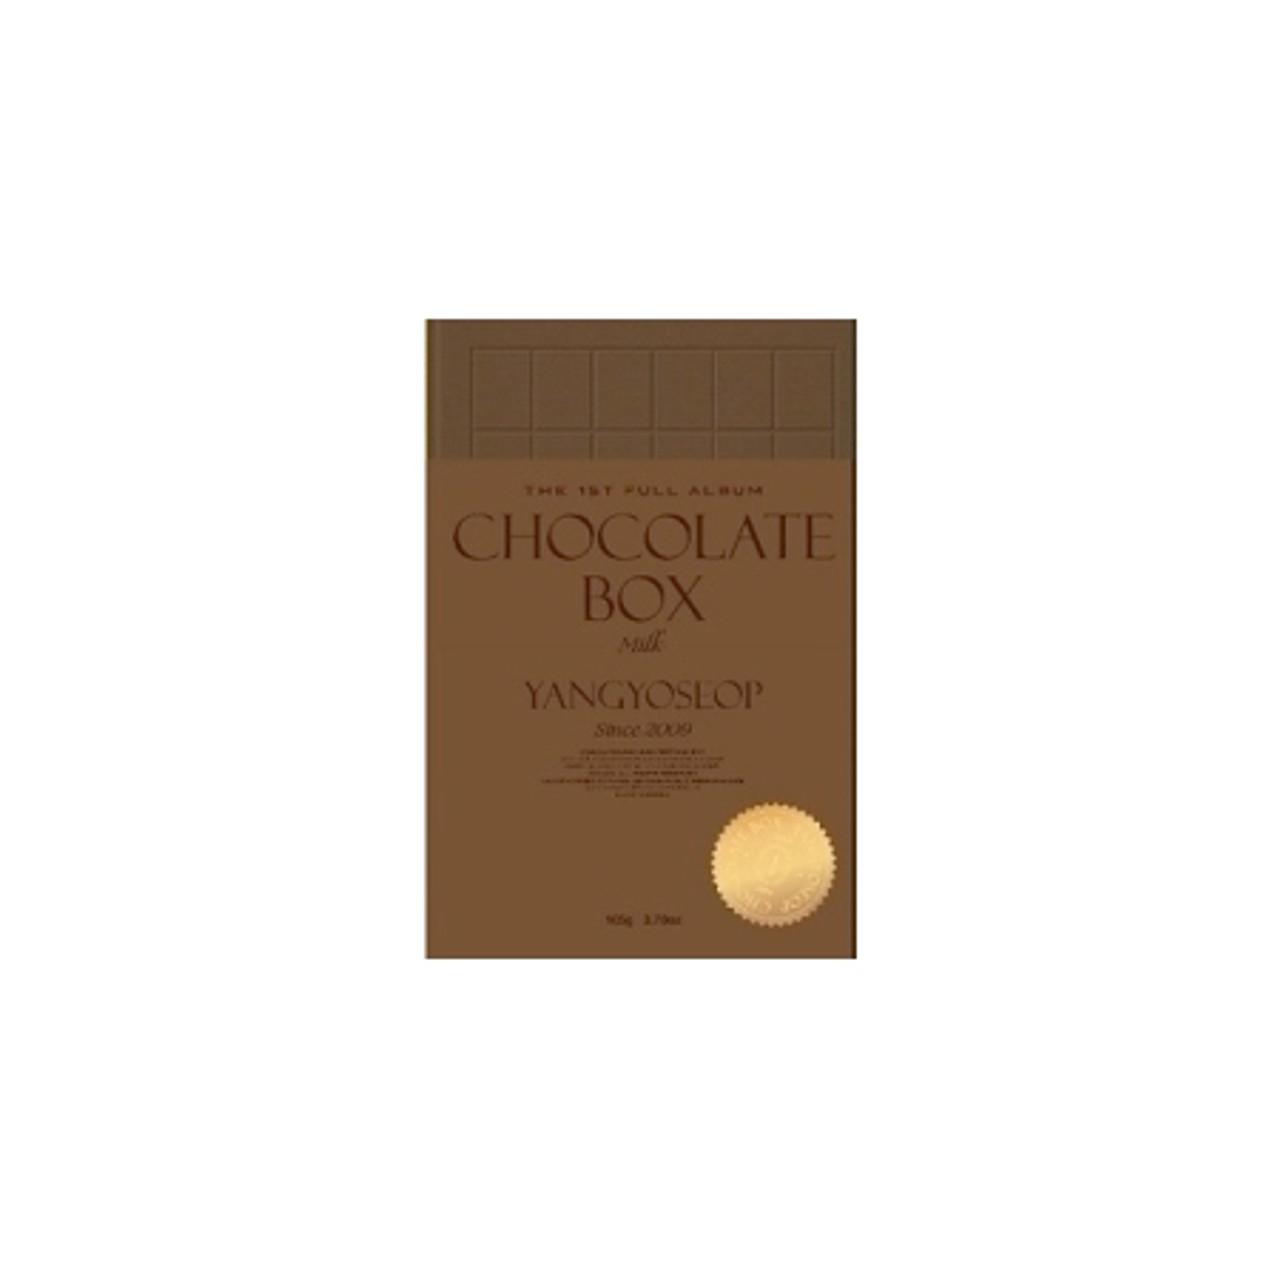 YANGYOSEOP -1st [Chocolate Box] Milk Ver.